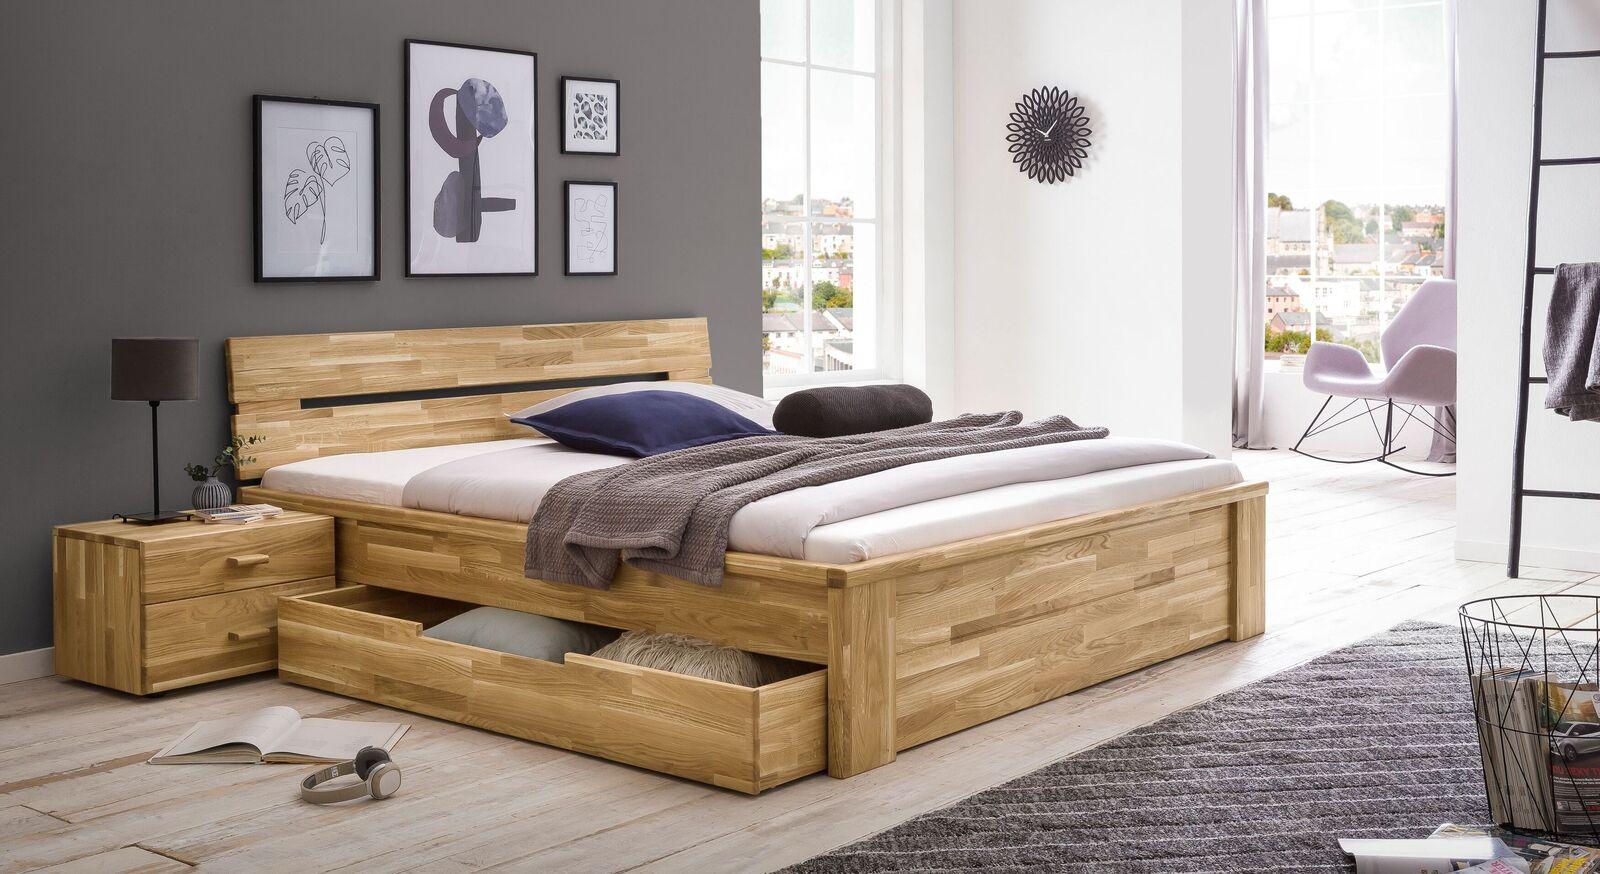 Schubkasten-Bett Sumak mit passendem Nachttisch